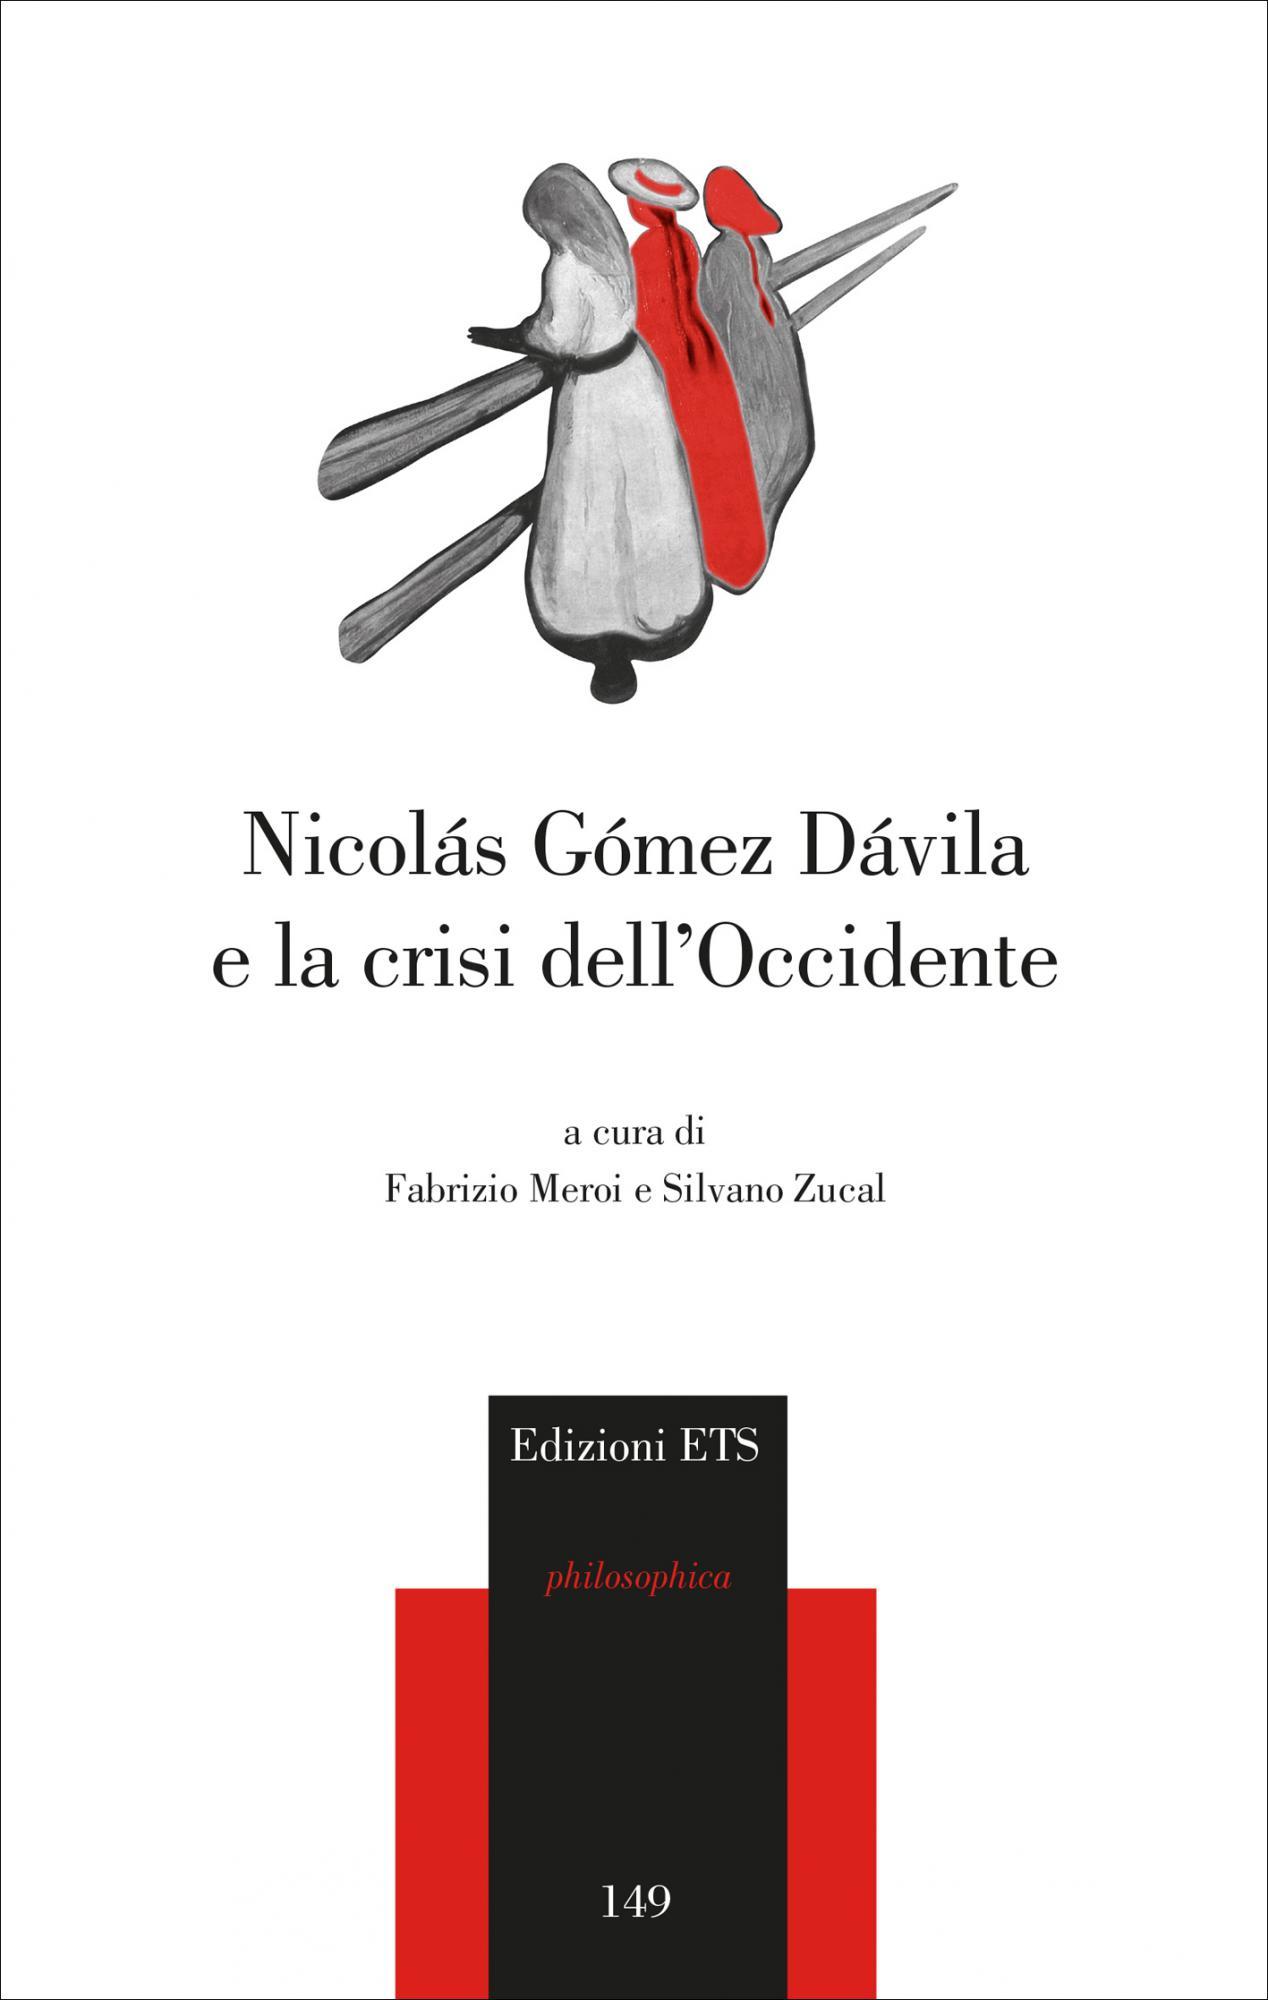 Nicolas Gomez Davila e la crisi dell'Occidente